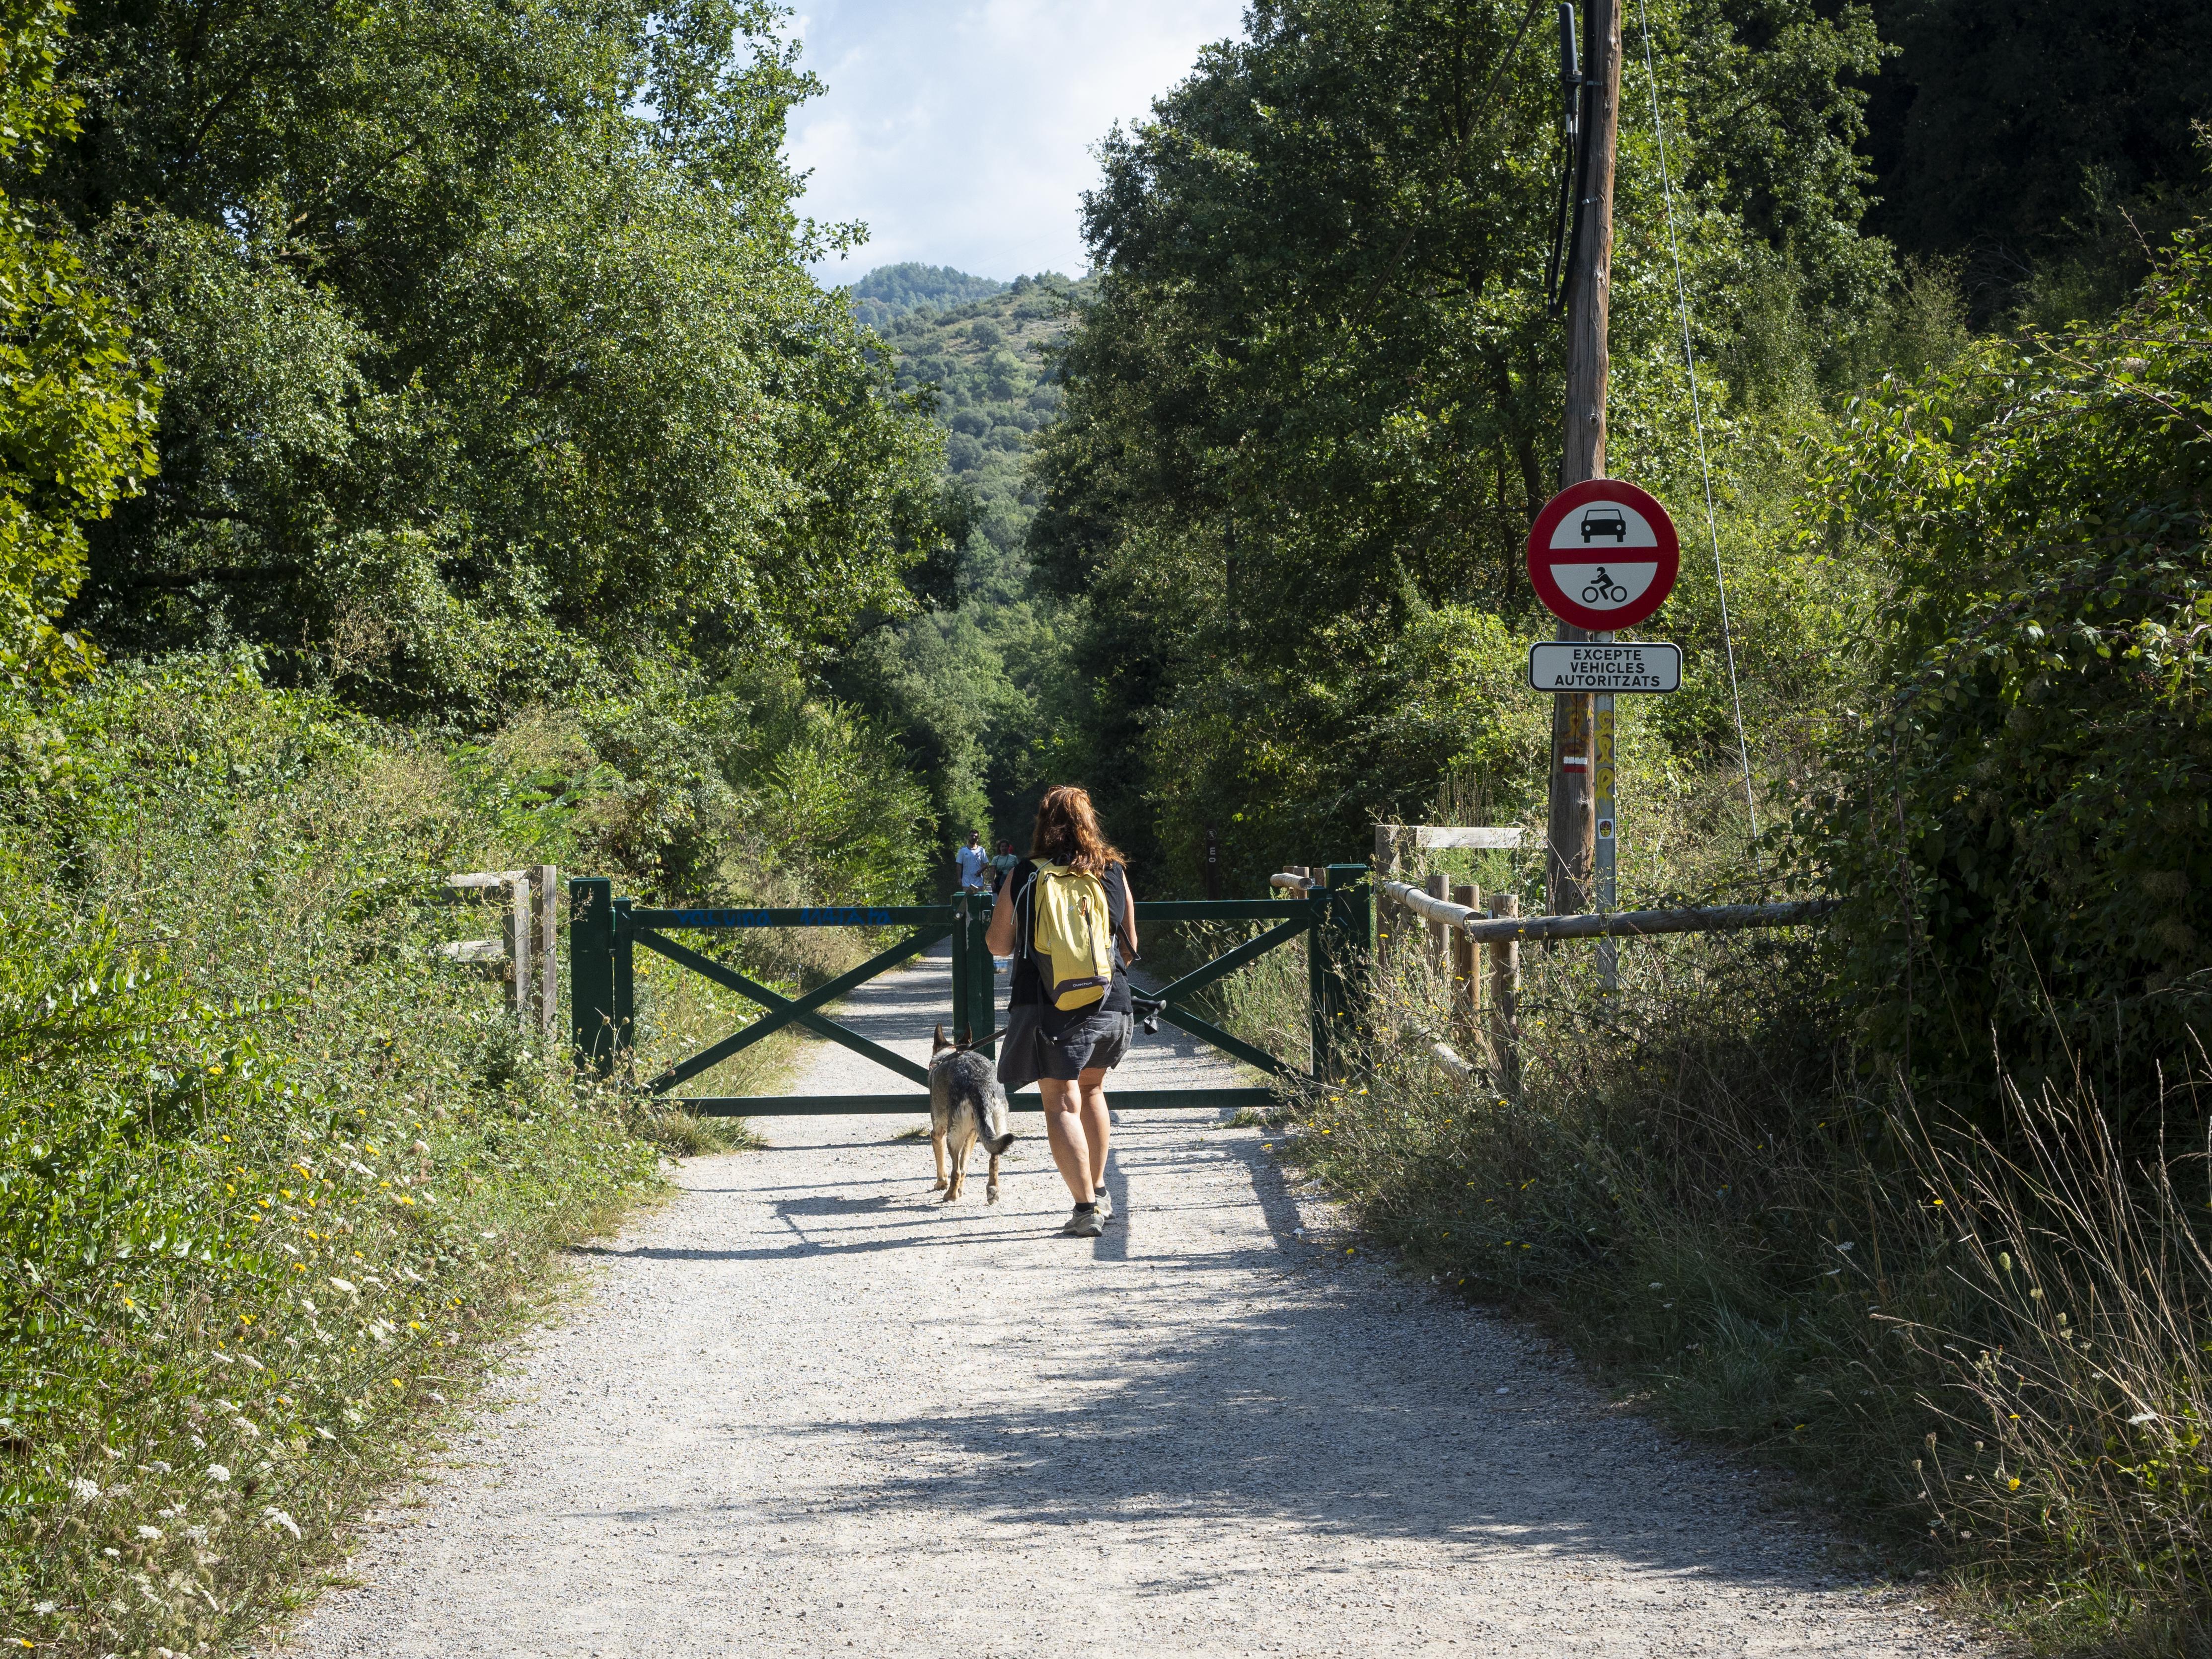 Recorregut de la Via Verda de Cal Rosal a Pedret. FOTO: Anna E. Puig